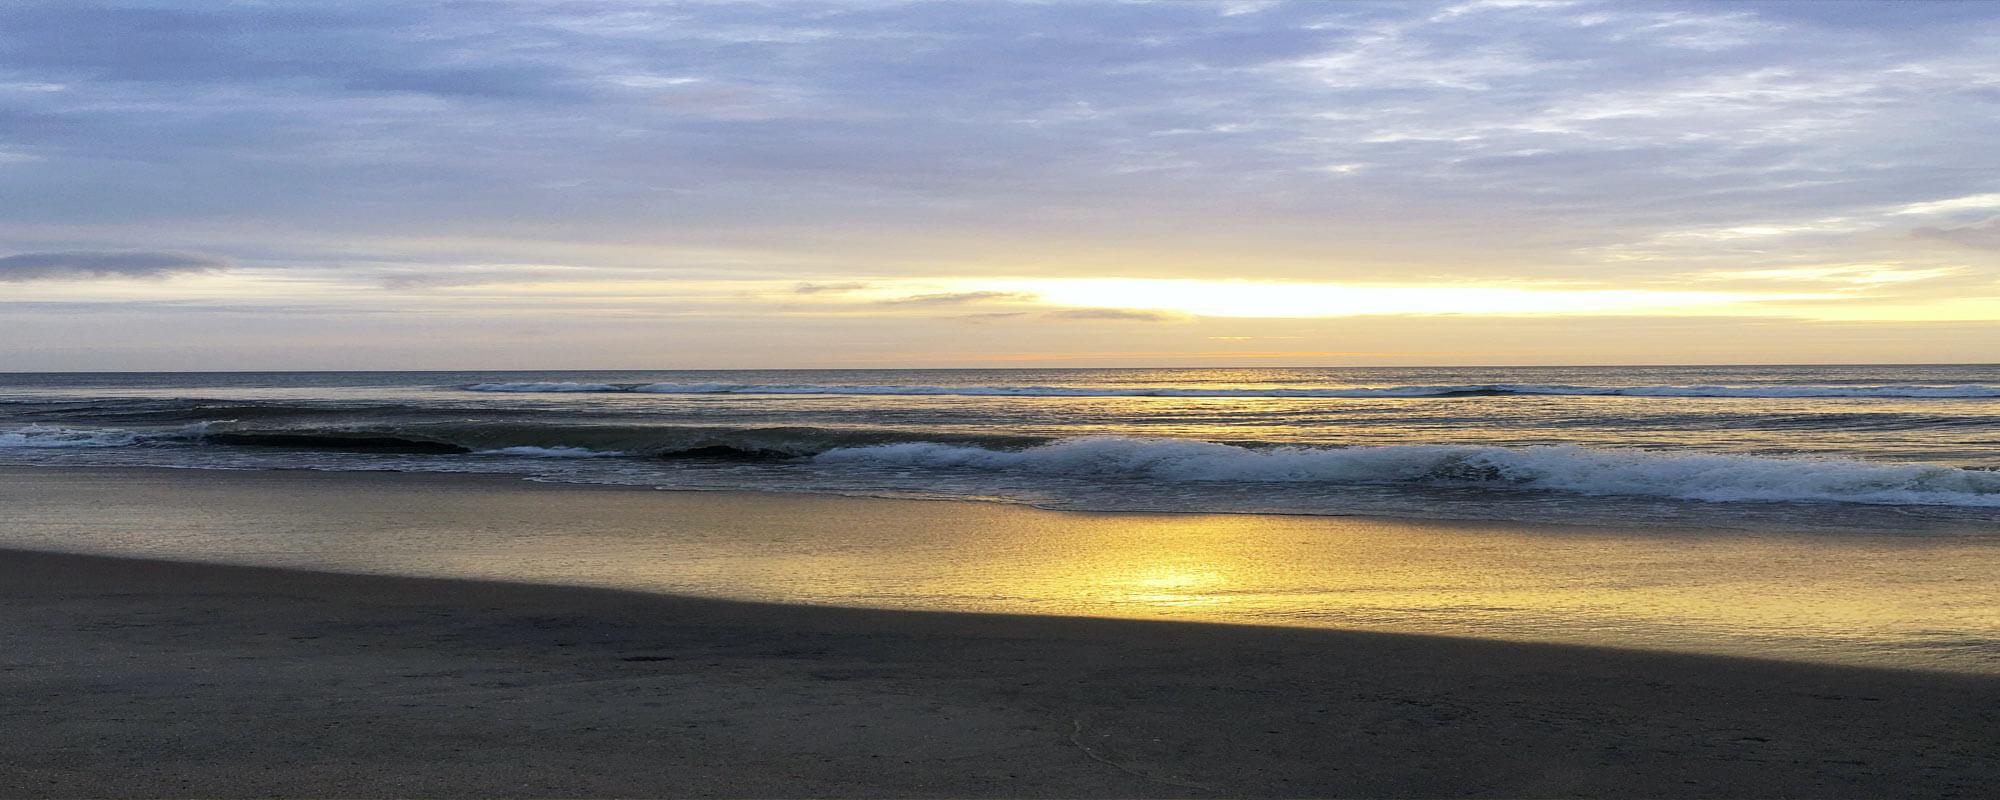 Sea Dreams - Continuum on the Atlantic